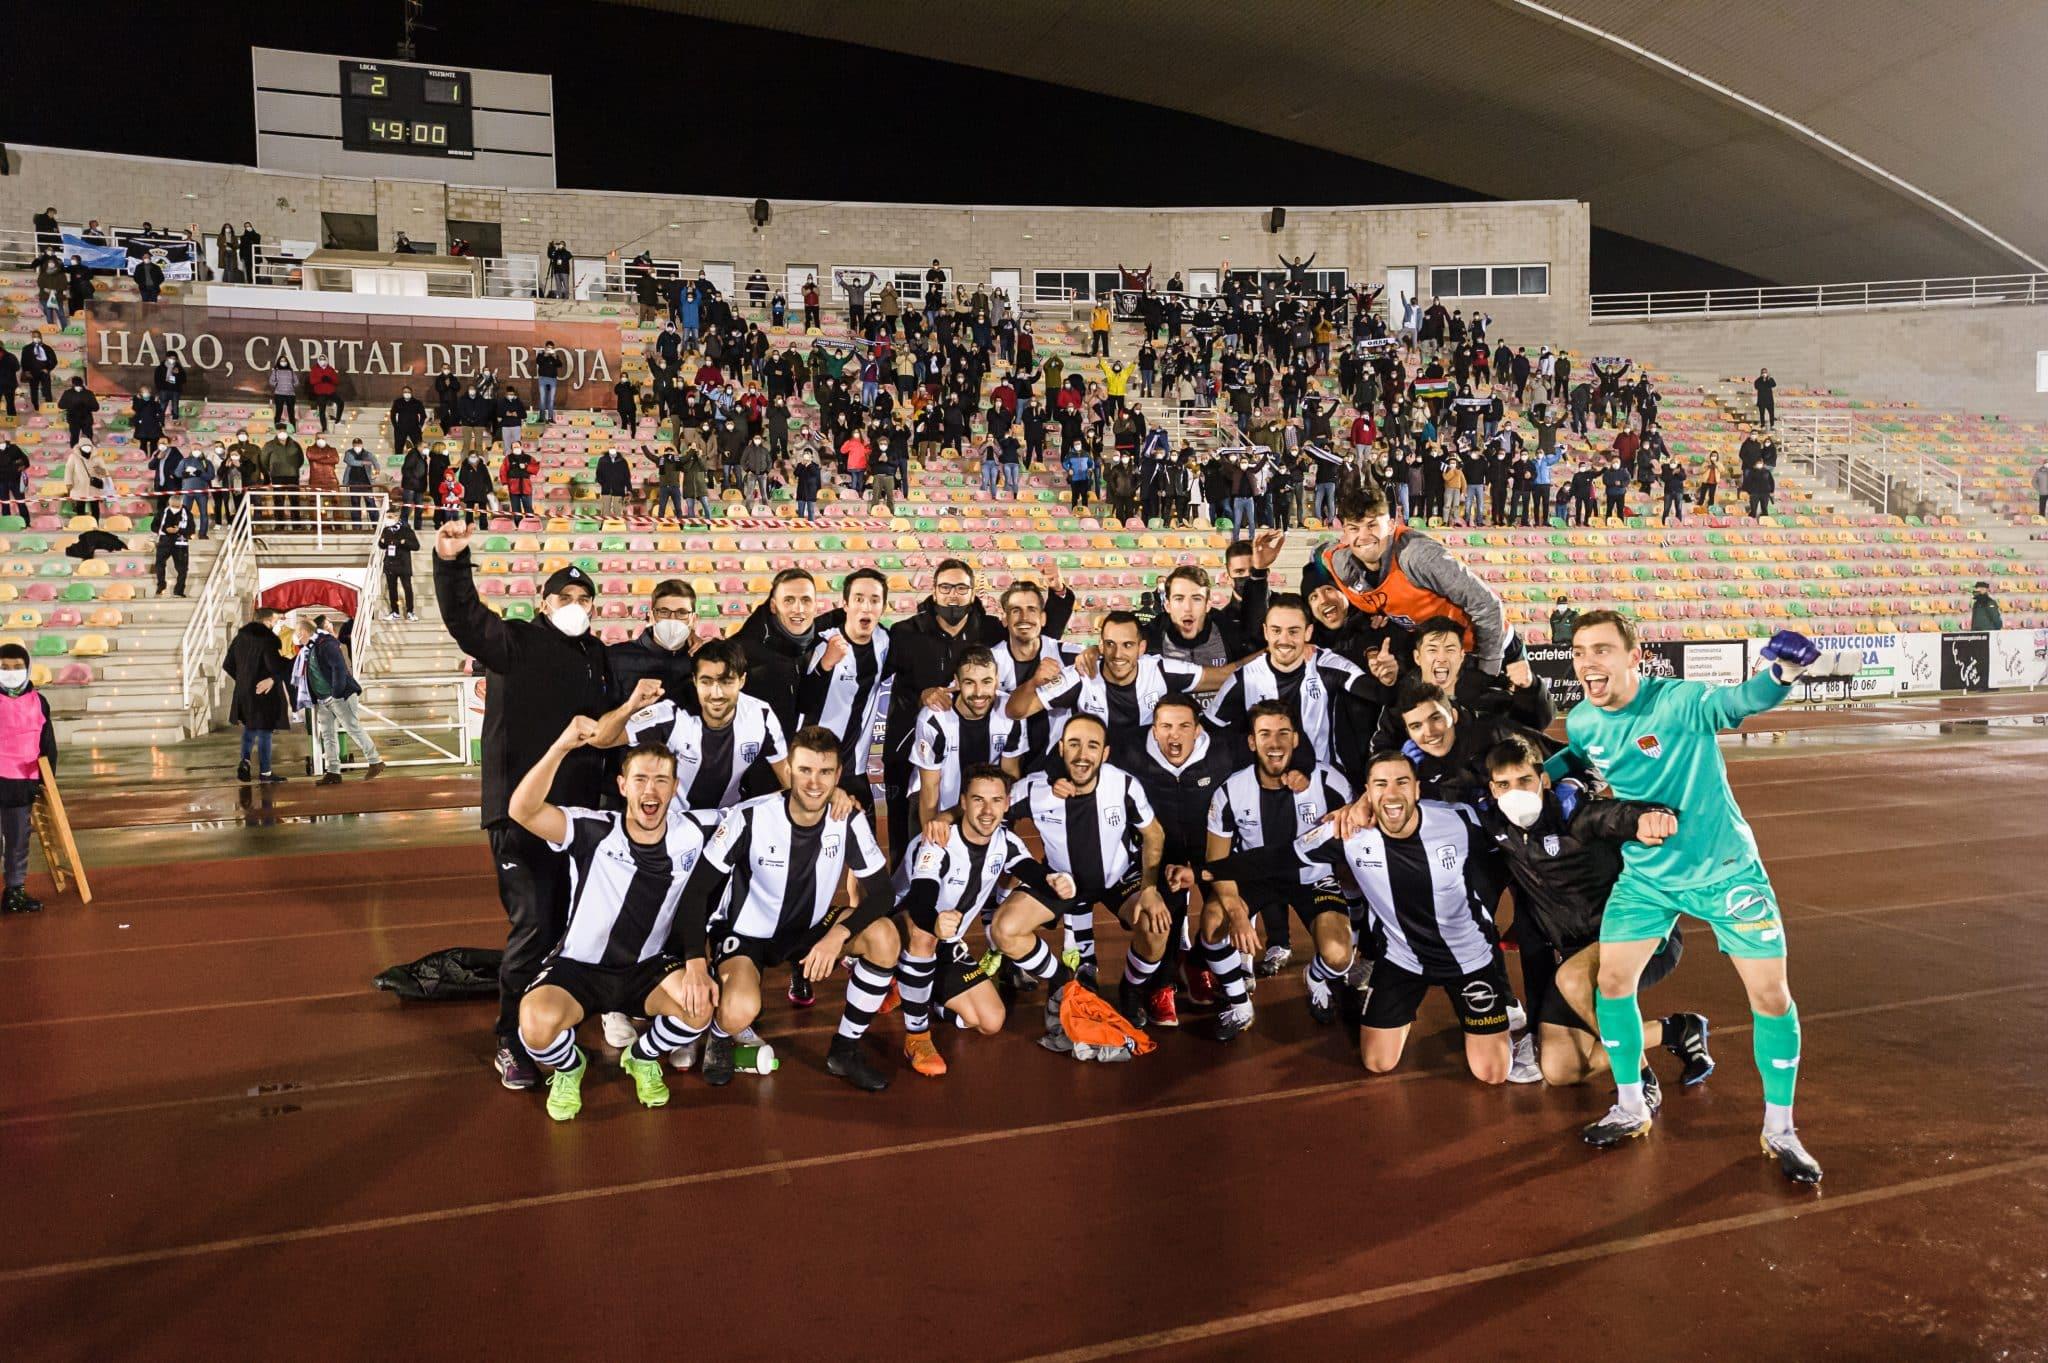 FOTOS: El Haro, el único equipo riojano que sobrevive en la Copa del Rey 1